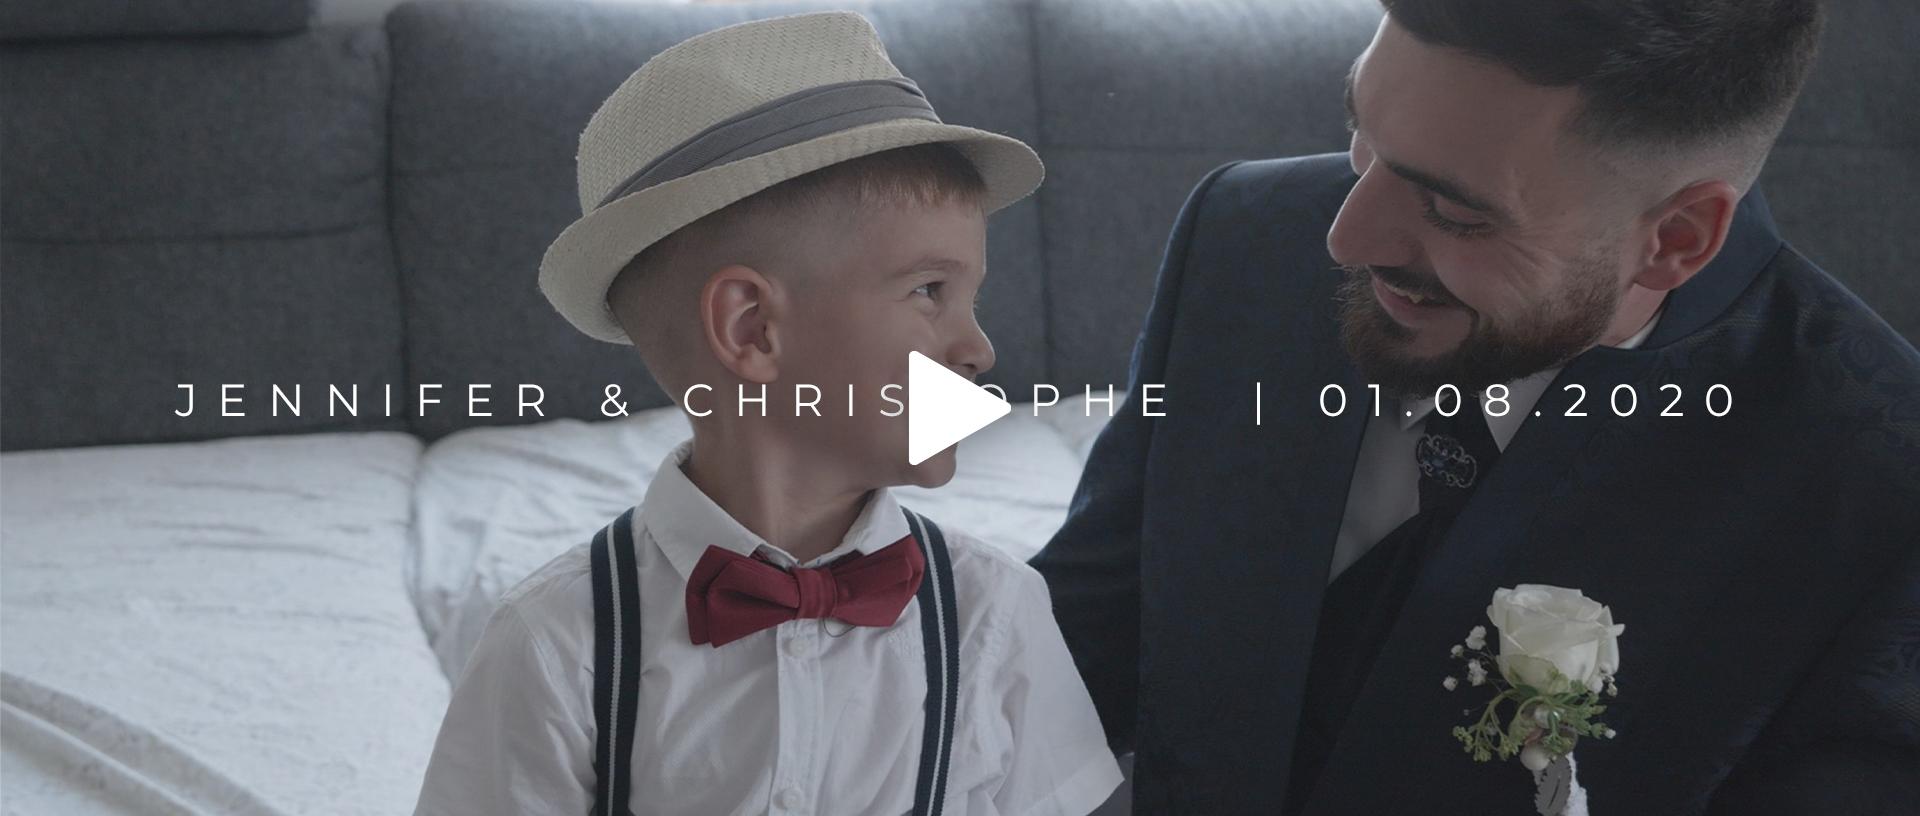 mariage_jennifer-christophe